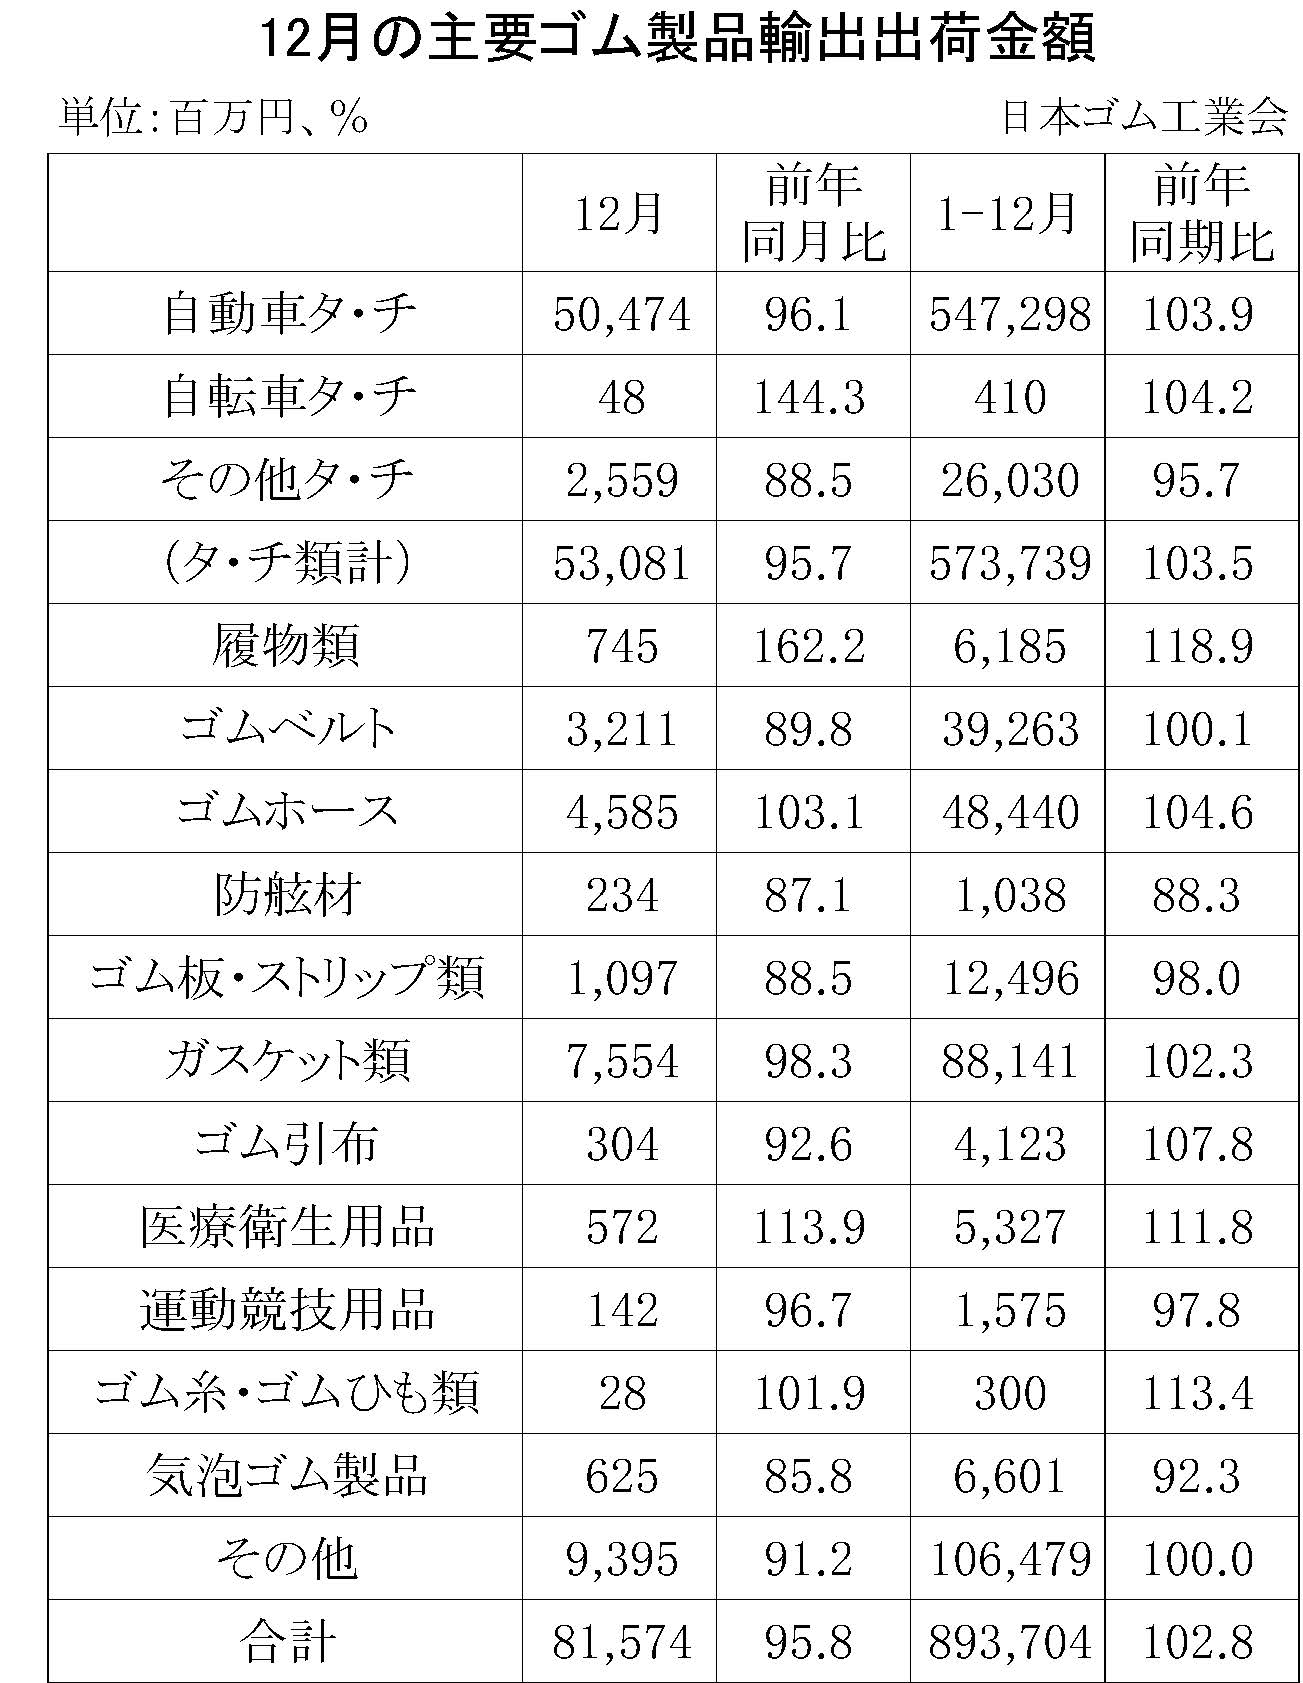 12月ゴム製品輸出